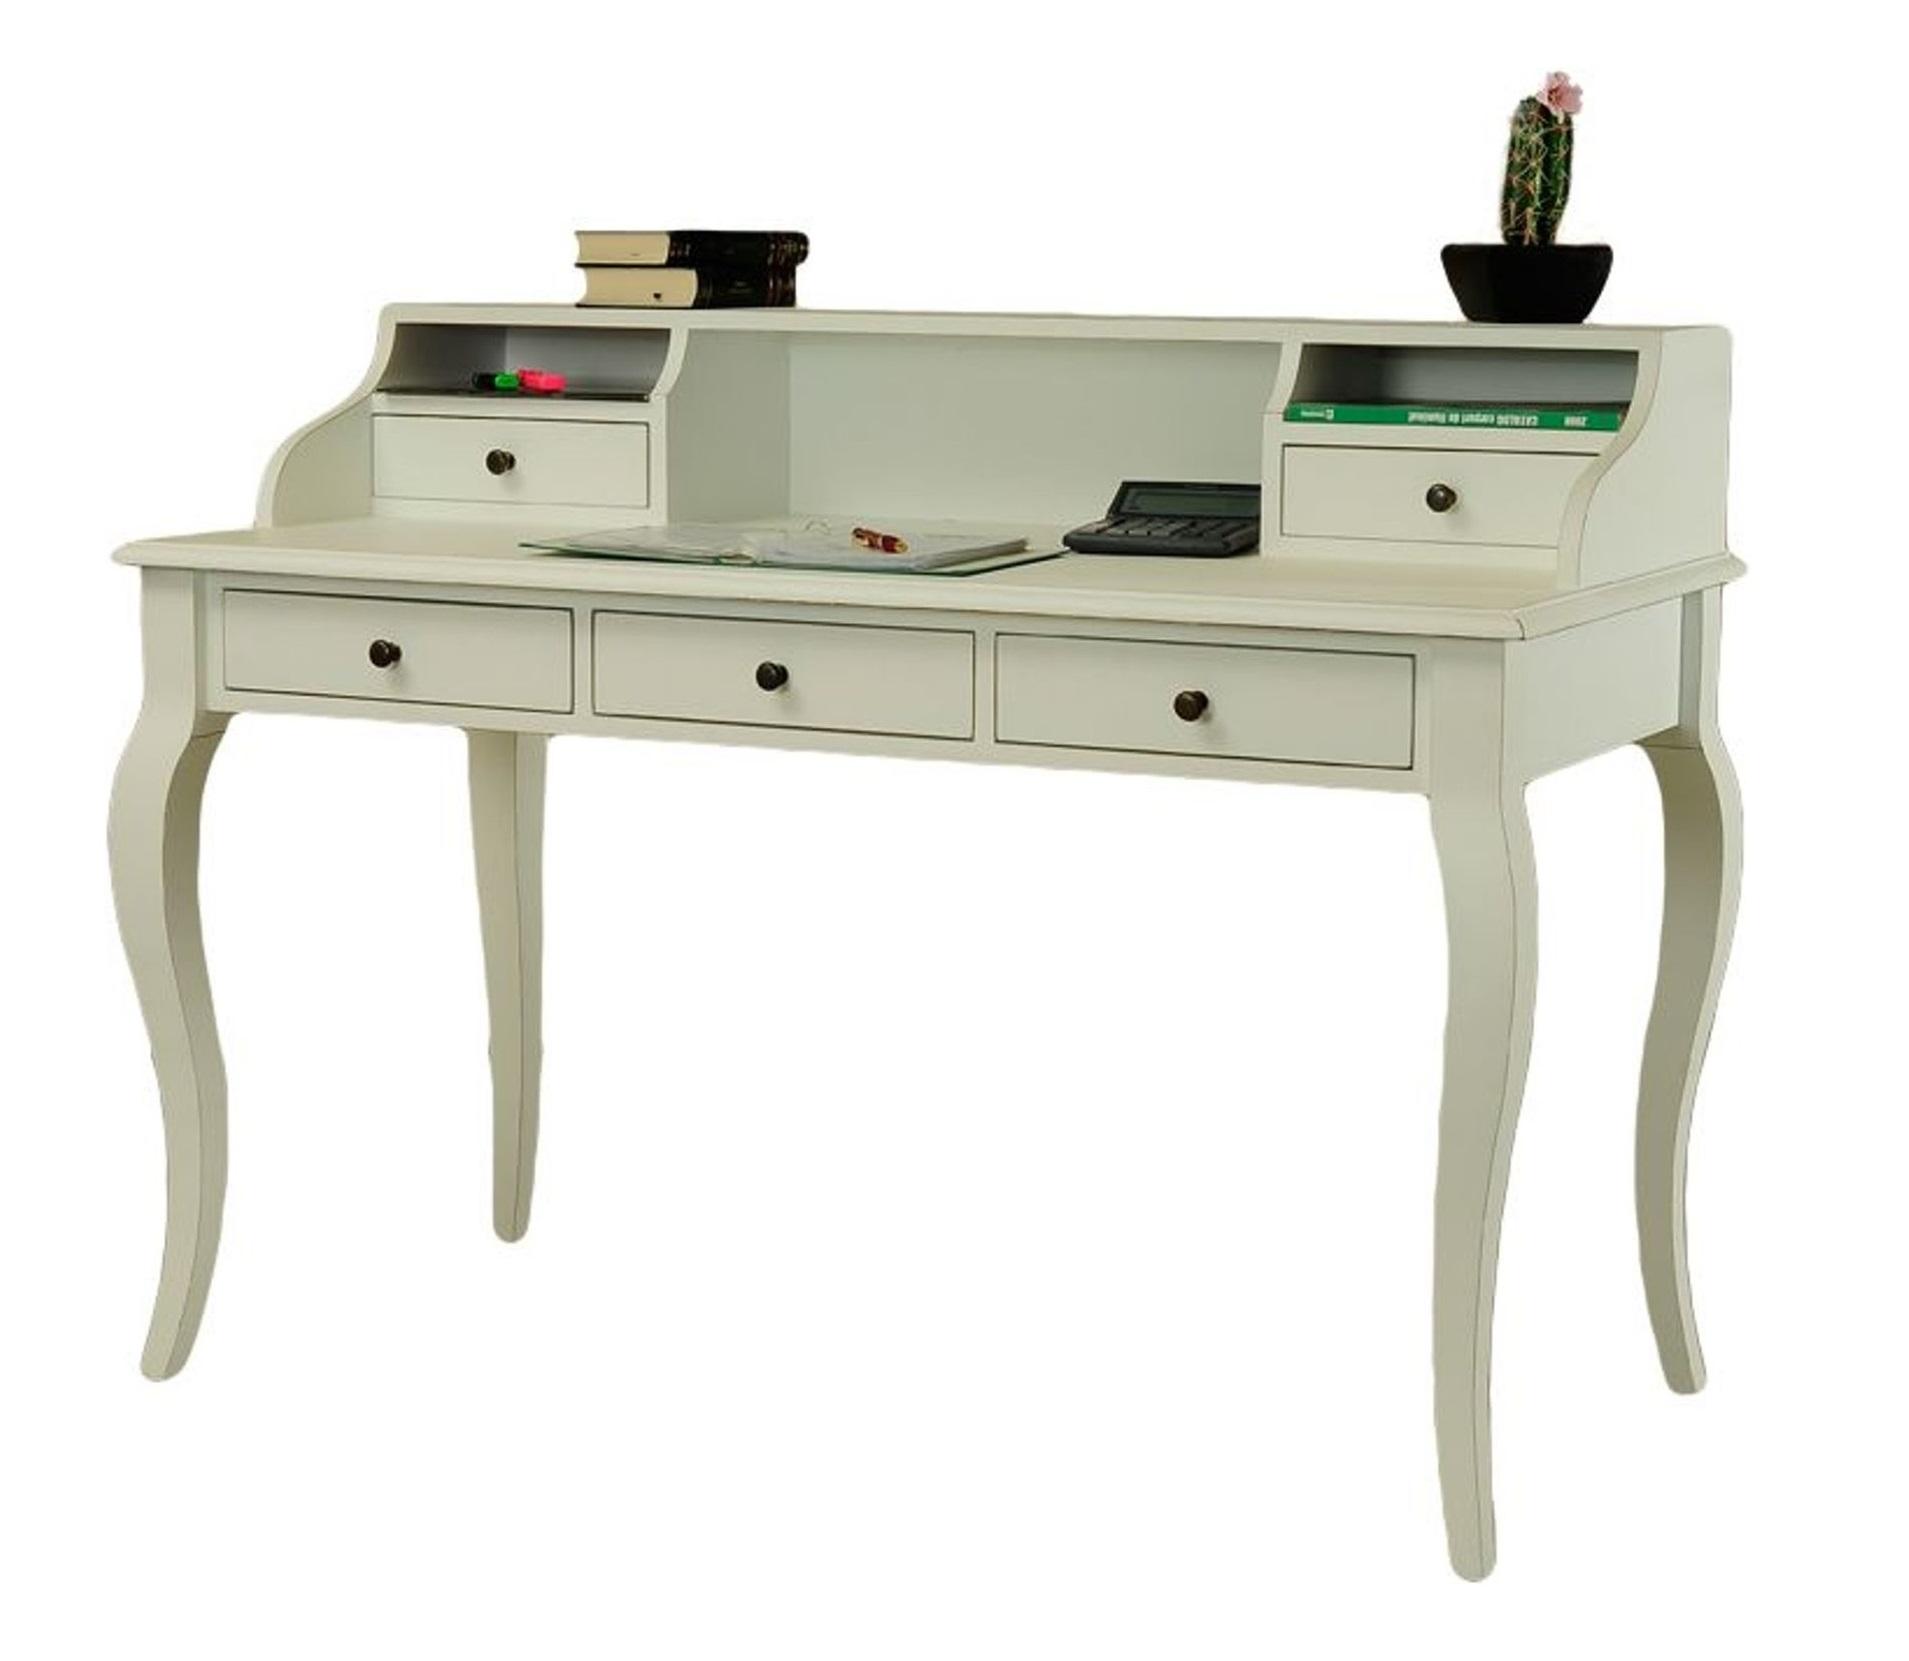 Schreibtisch vintage  Schreibtisch Sekretär Designer Fichte massiv Vintage weiß Paris DM55 klassik